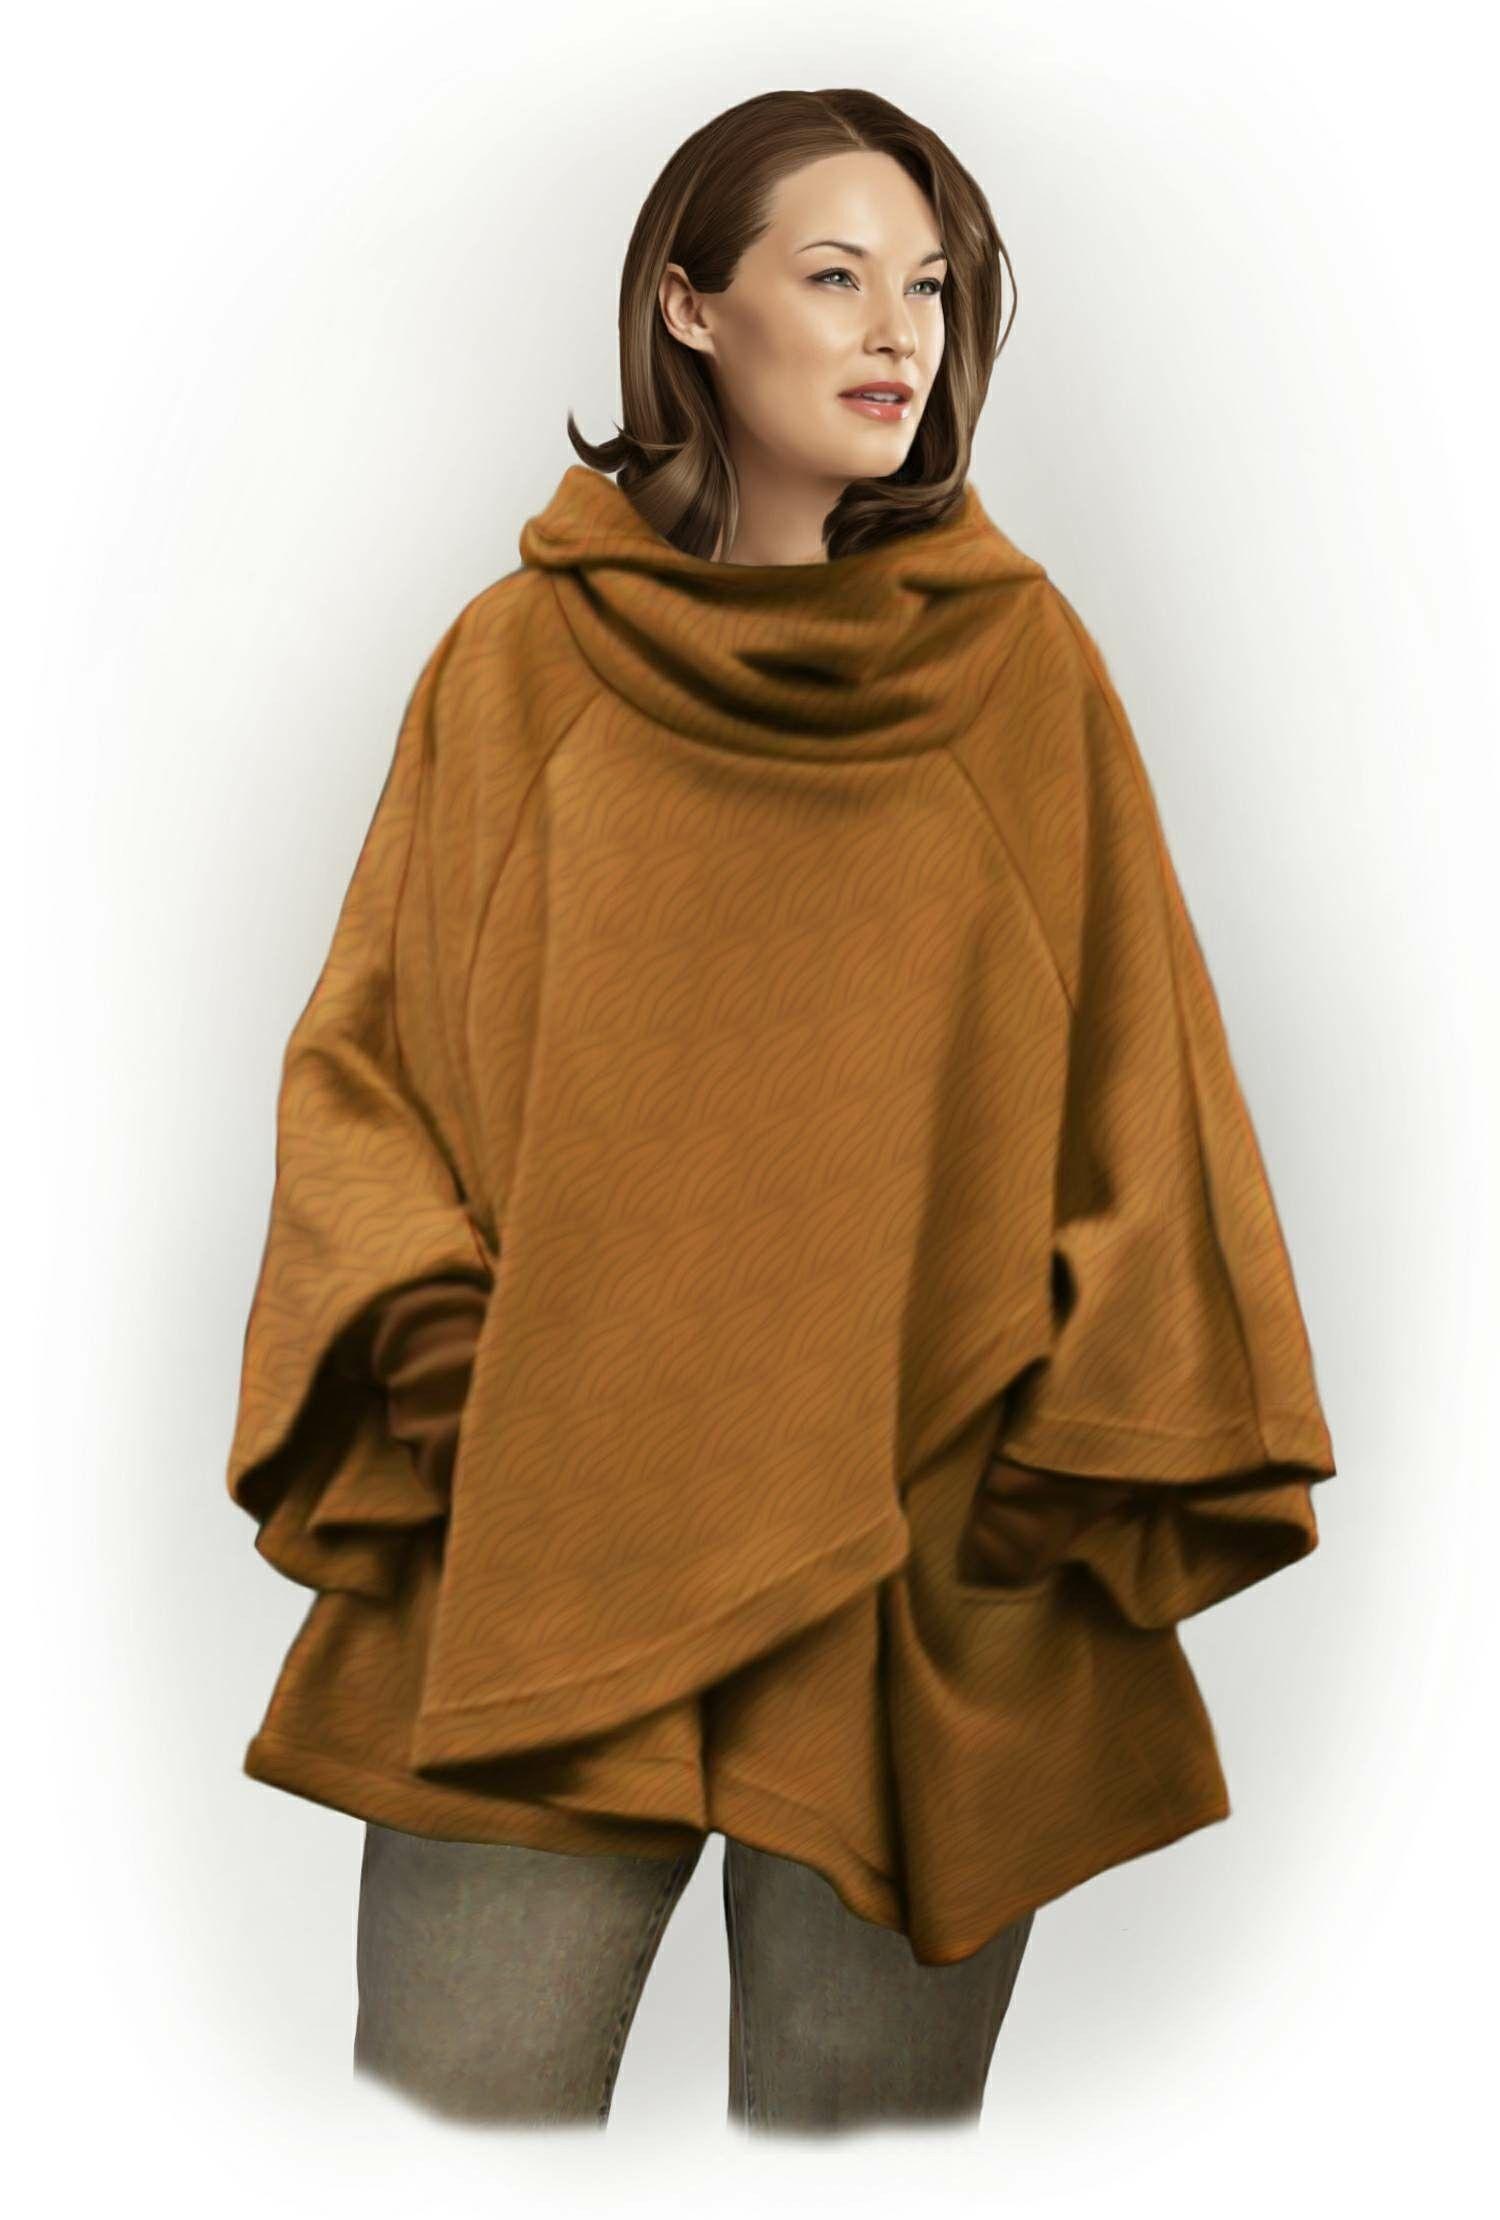 Пальто пончо: выбираем фасон и учимся шить своими руками 82